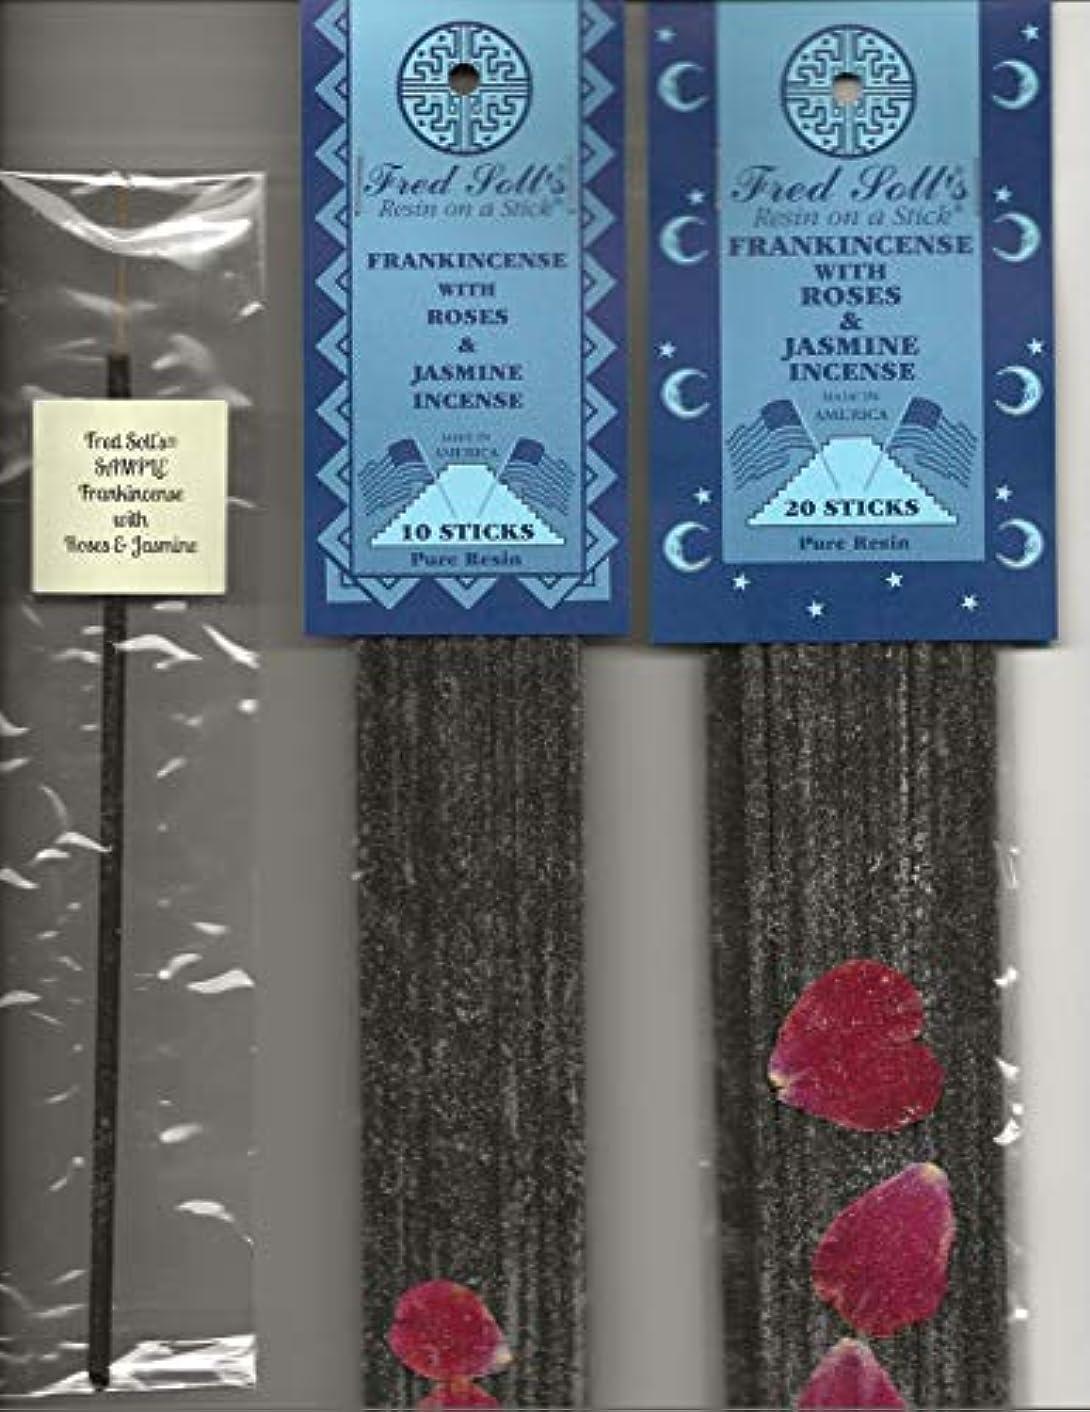 アフリカコレクションコーンウォールFred Soll 's Frankincense with Roses &ジャスミンお香、20 Sticks